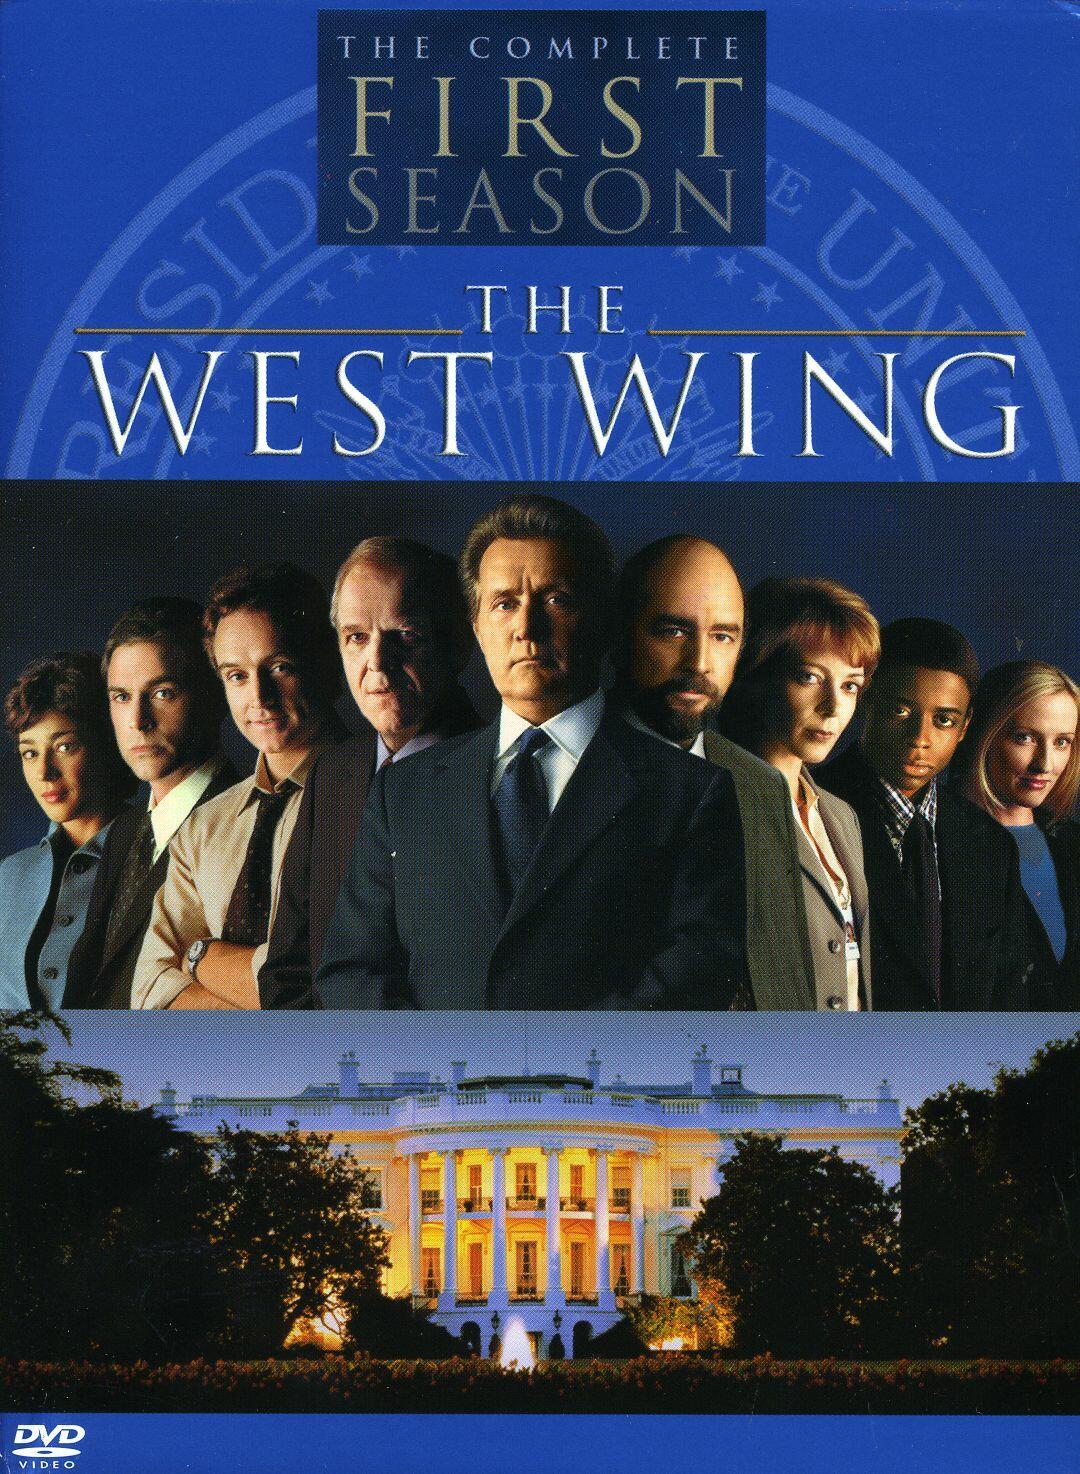 The west wing bild 12 von 16 - The west wing ...